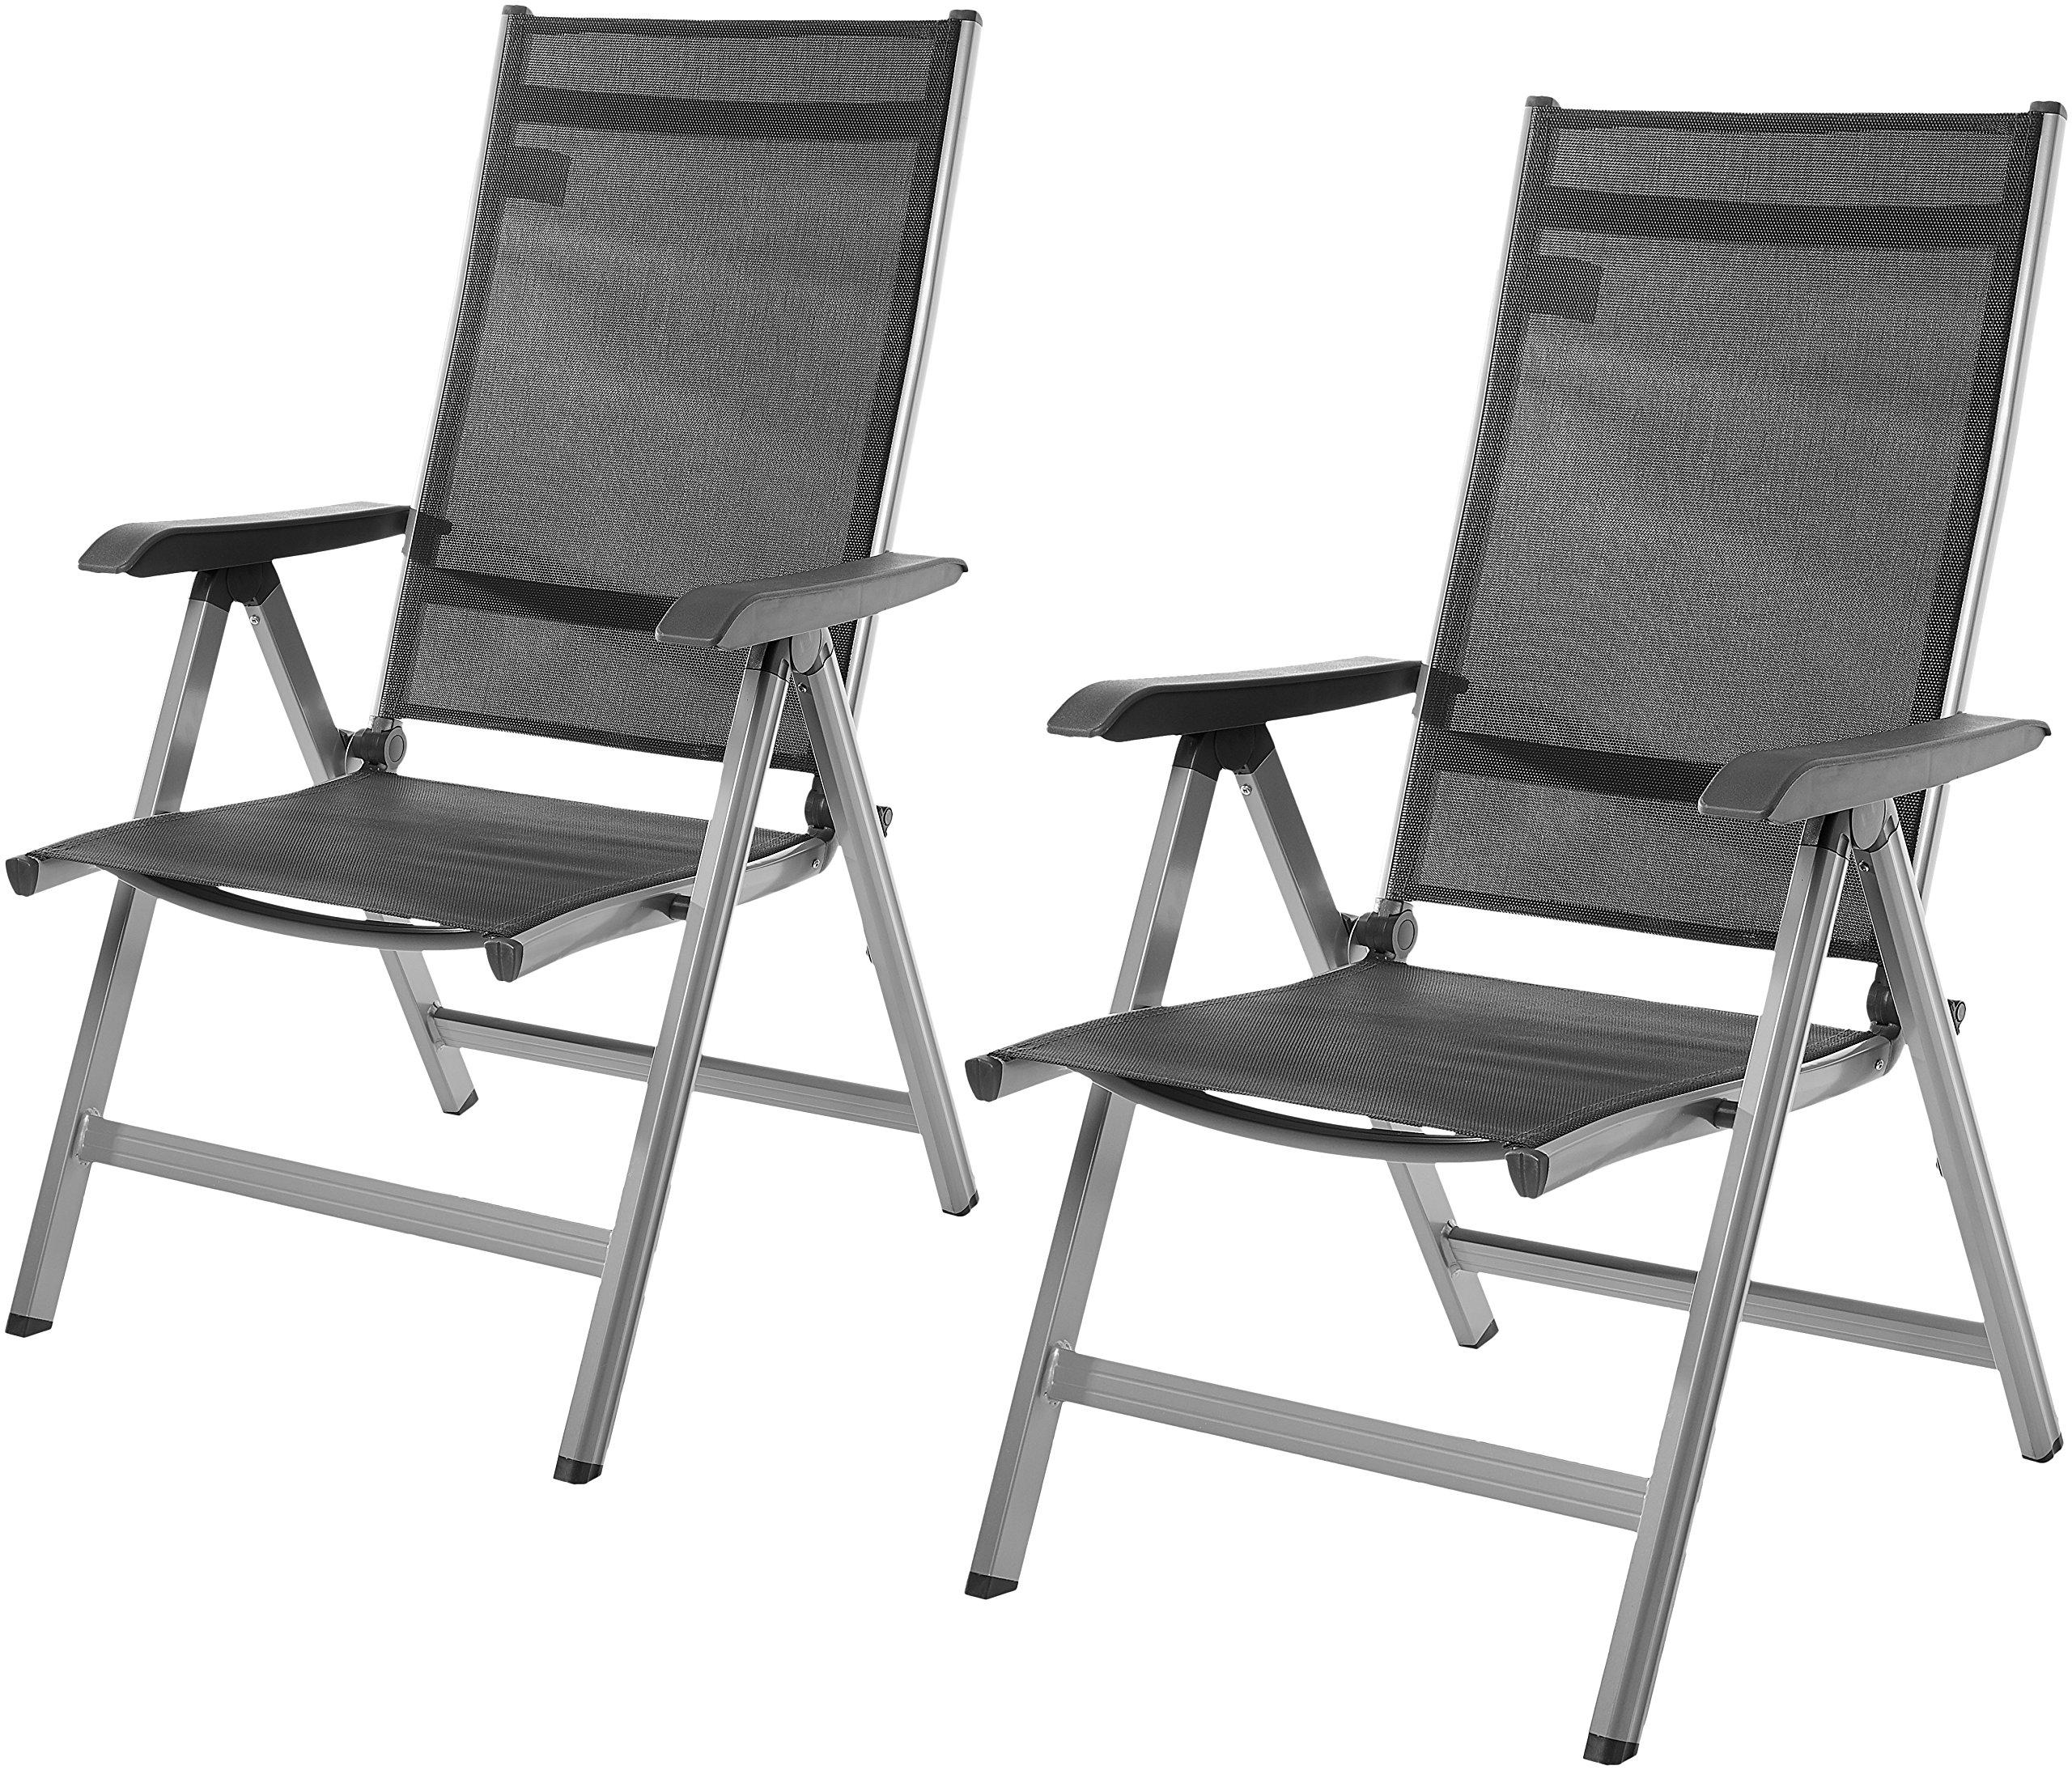 AmazonBasics - Silla para exteriores ajustable en 5 posiciones, Juego de 2 product image